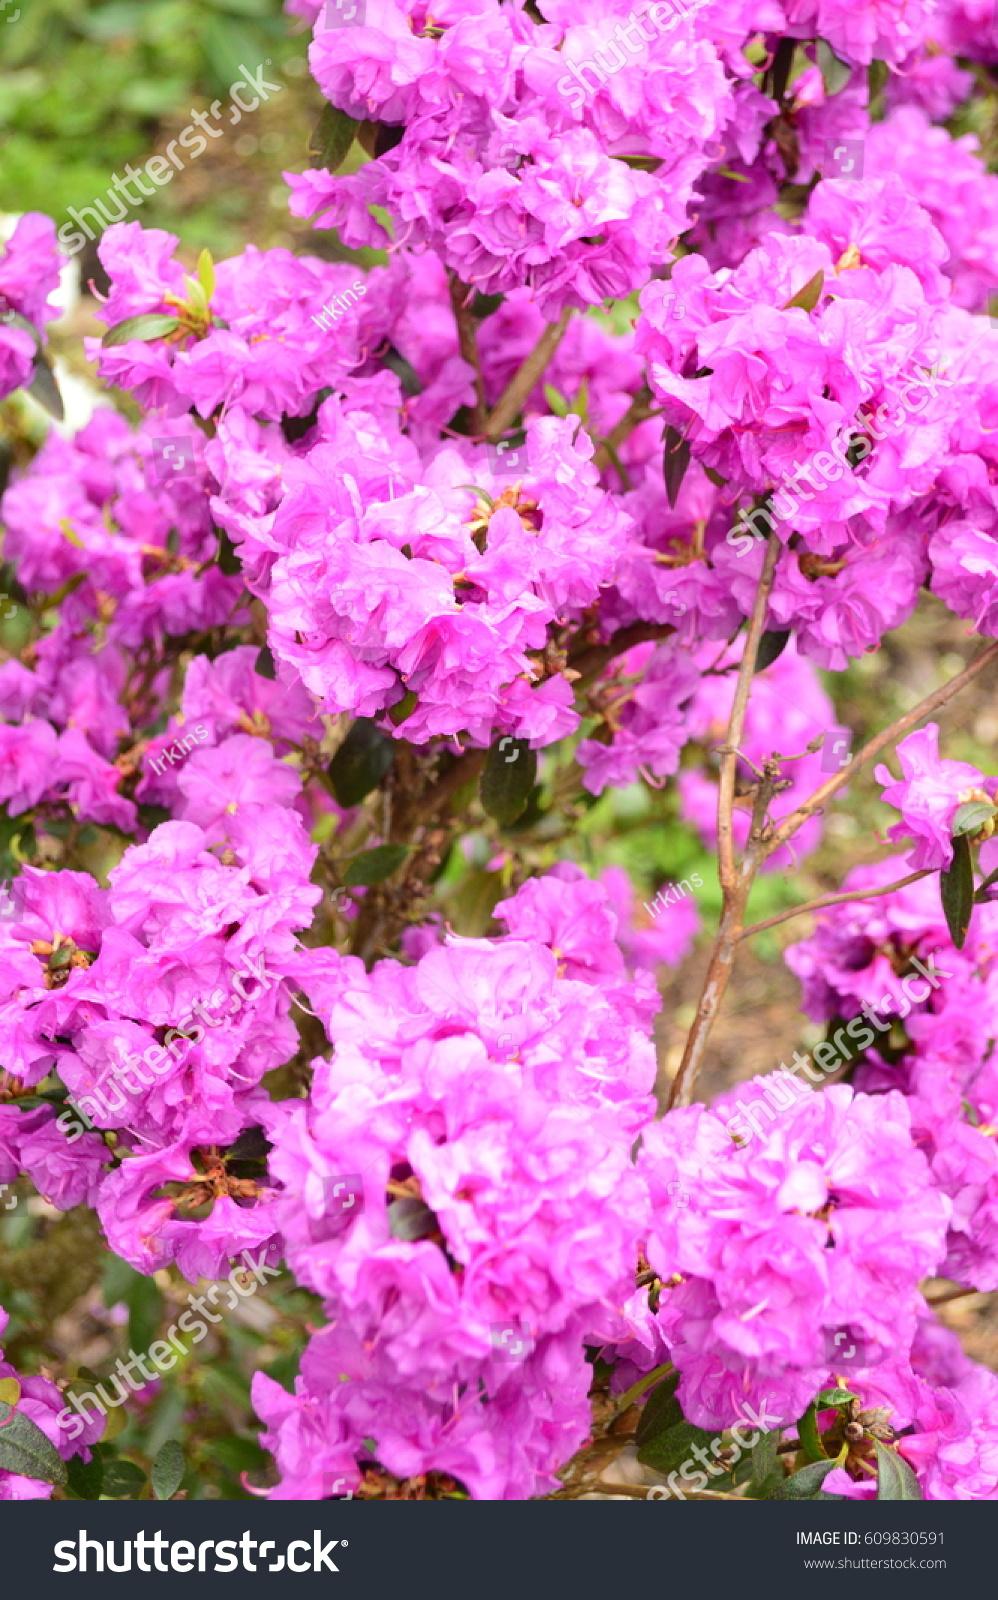 Flowering bushes flowers oregon stock photo edit now 609830591 flowering bushes flowers oregon izmirmasajfo